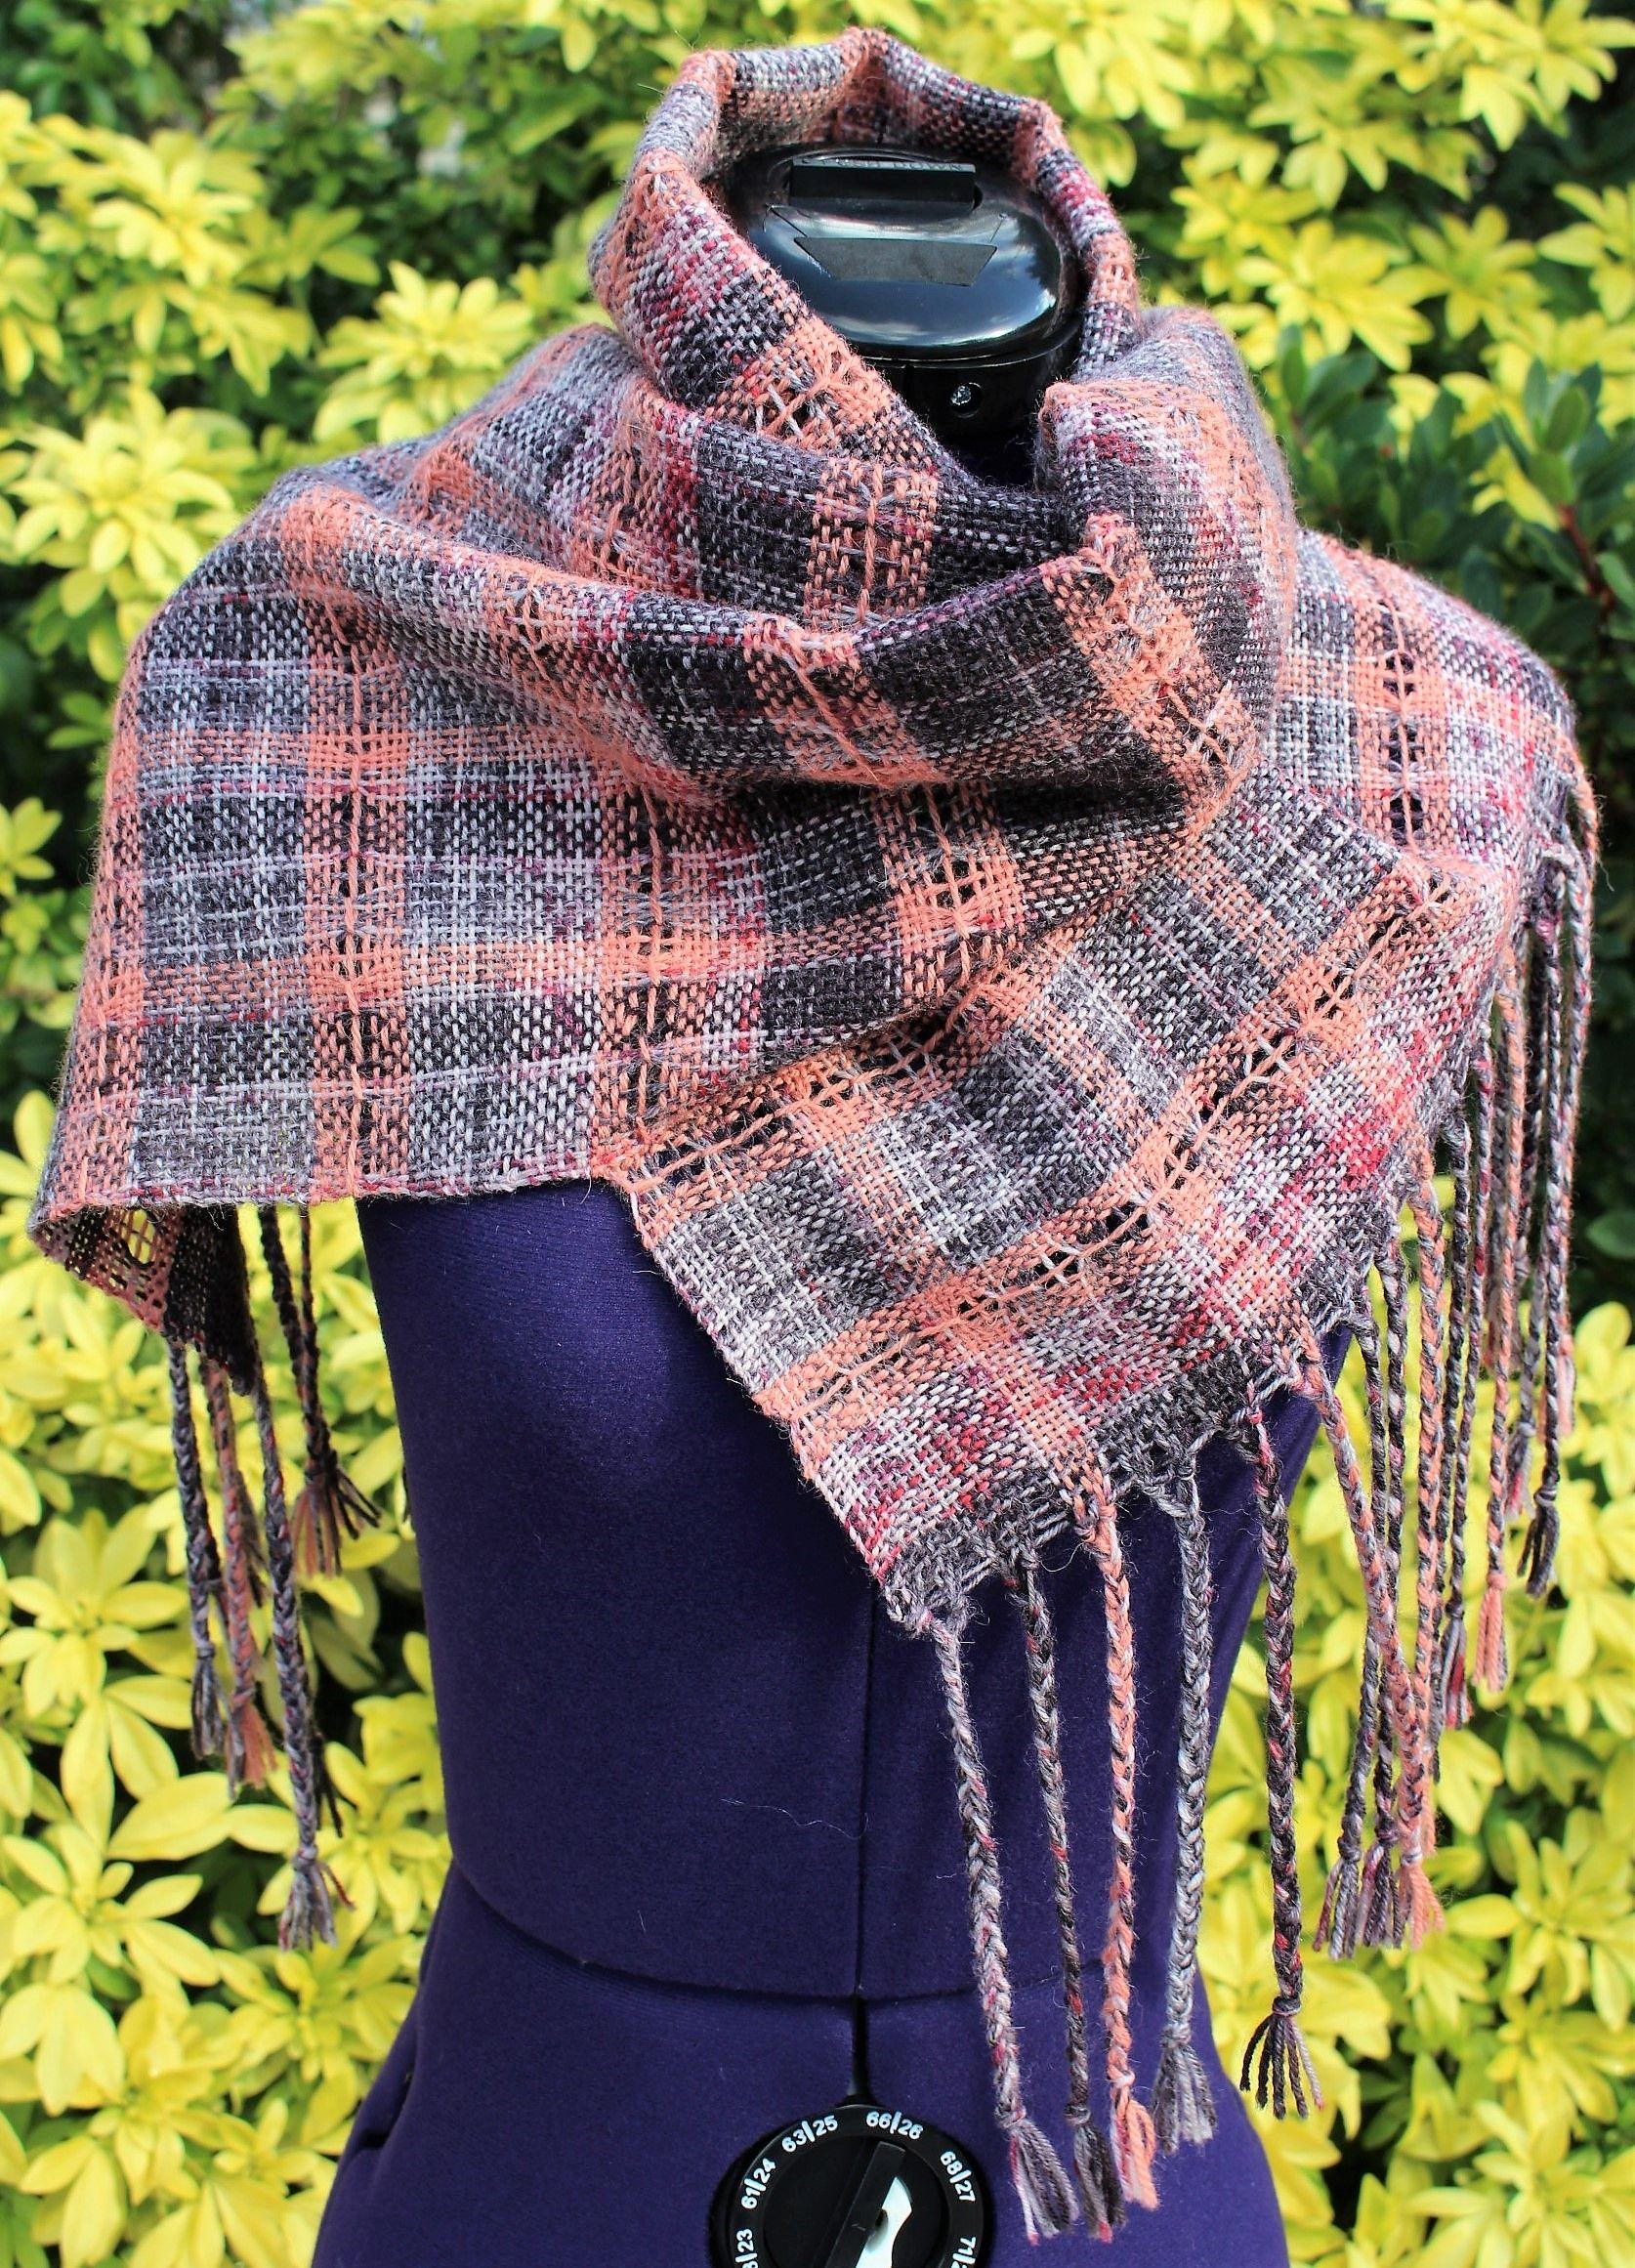 c8f208f6276a Écharpe tissée en laine, étole fait main, écharpe tour de cou, châle  foulard ajouré, chèche à franges, cape laine alpaga marron gris beige rouge  pêche ...